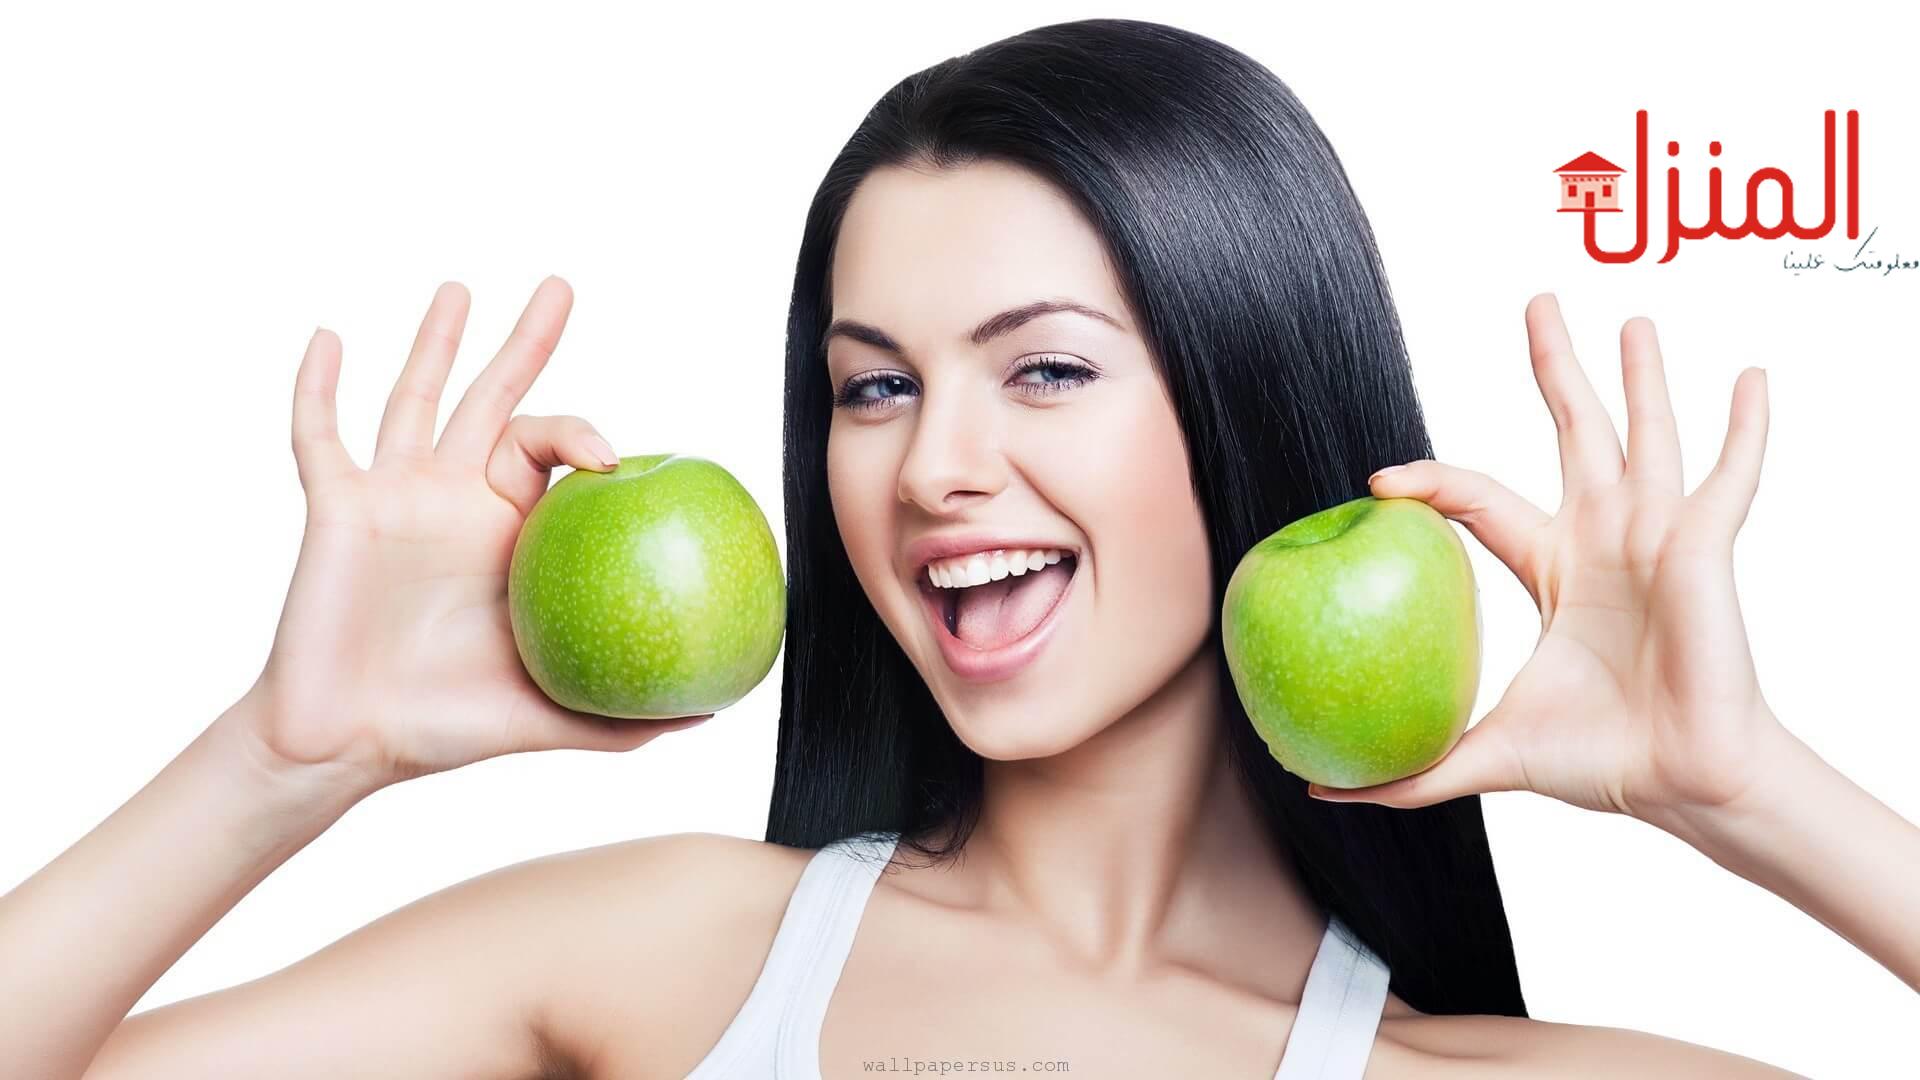 كيف تحافظين على صحتك وجمالك